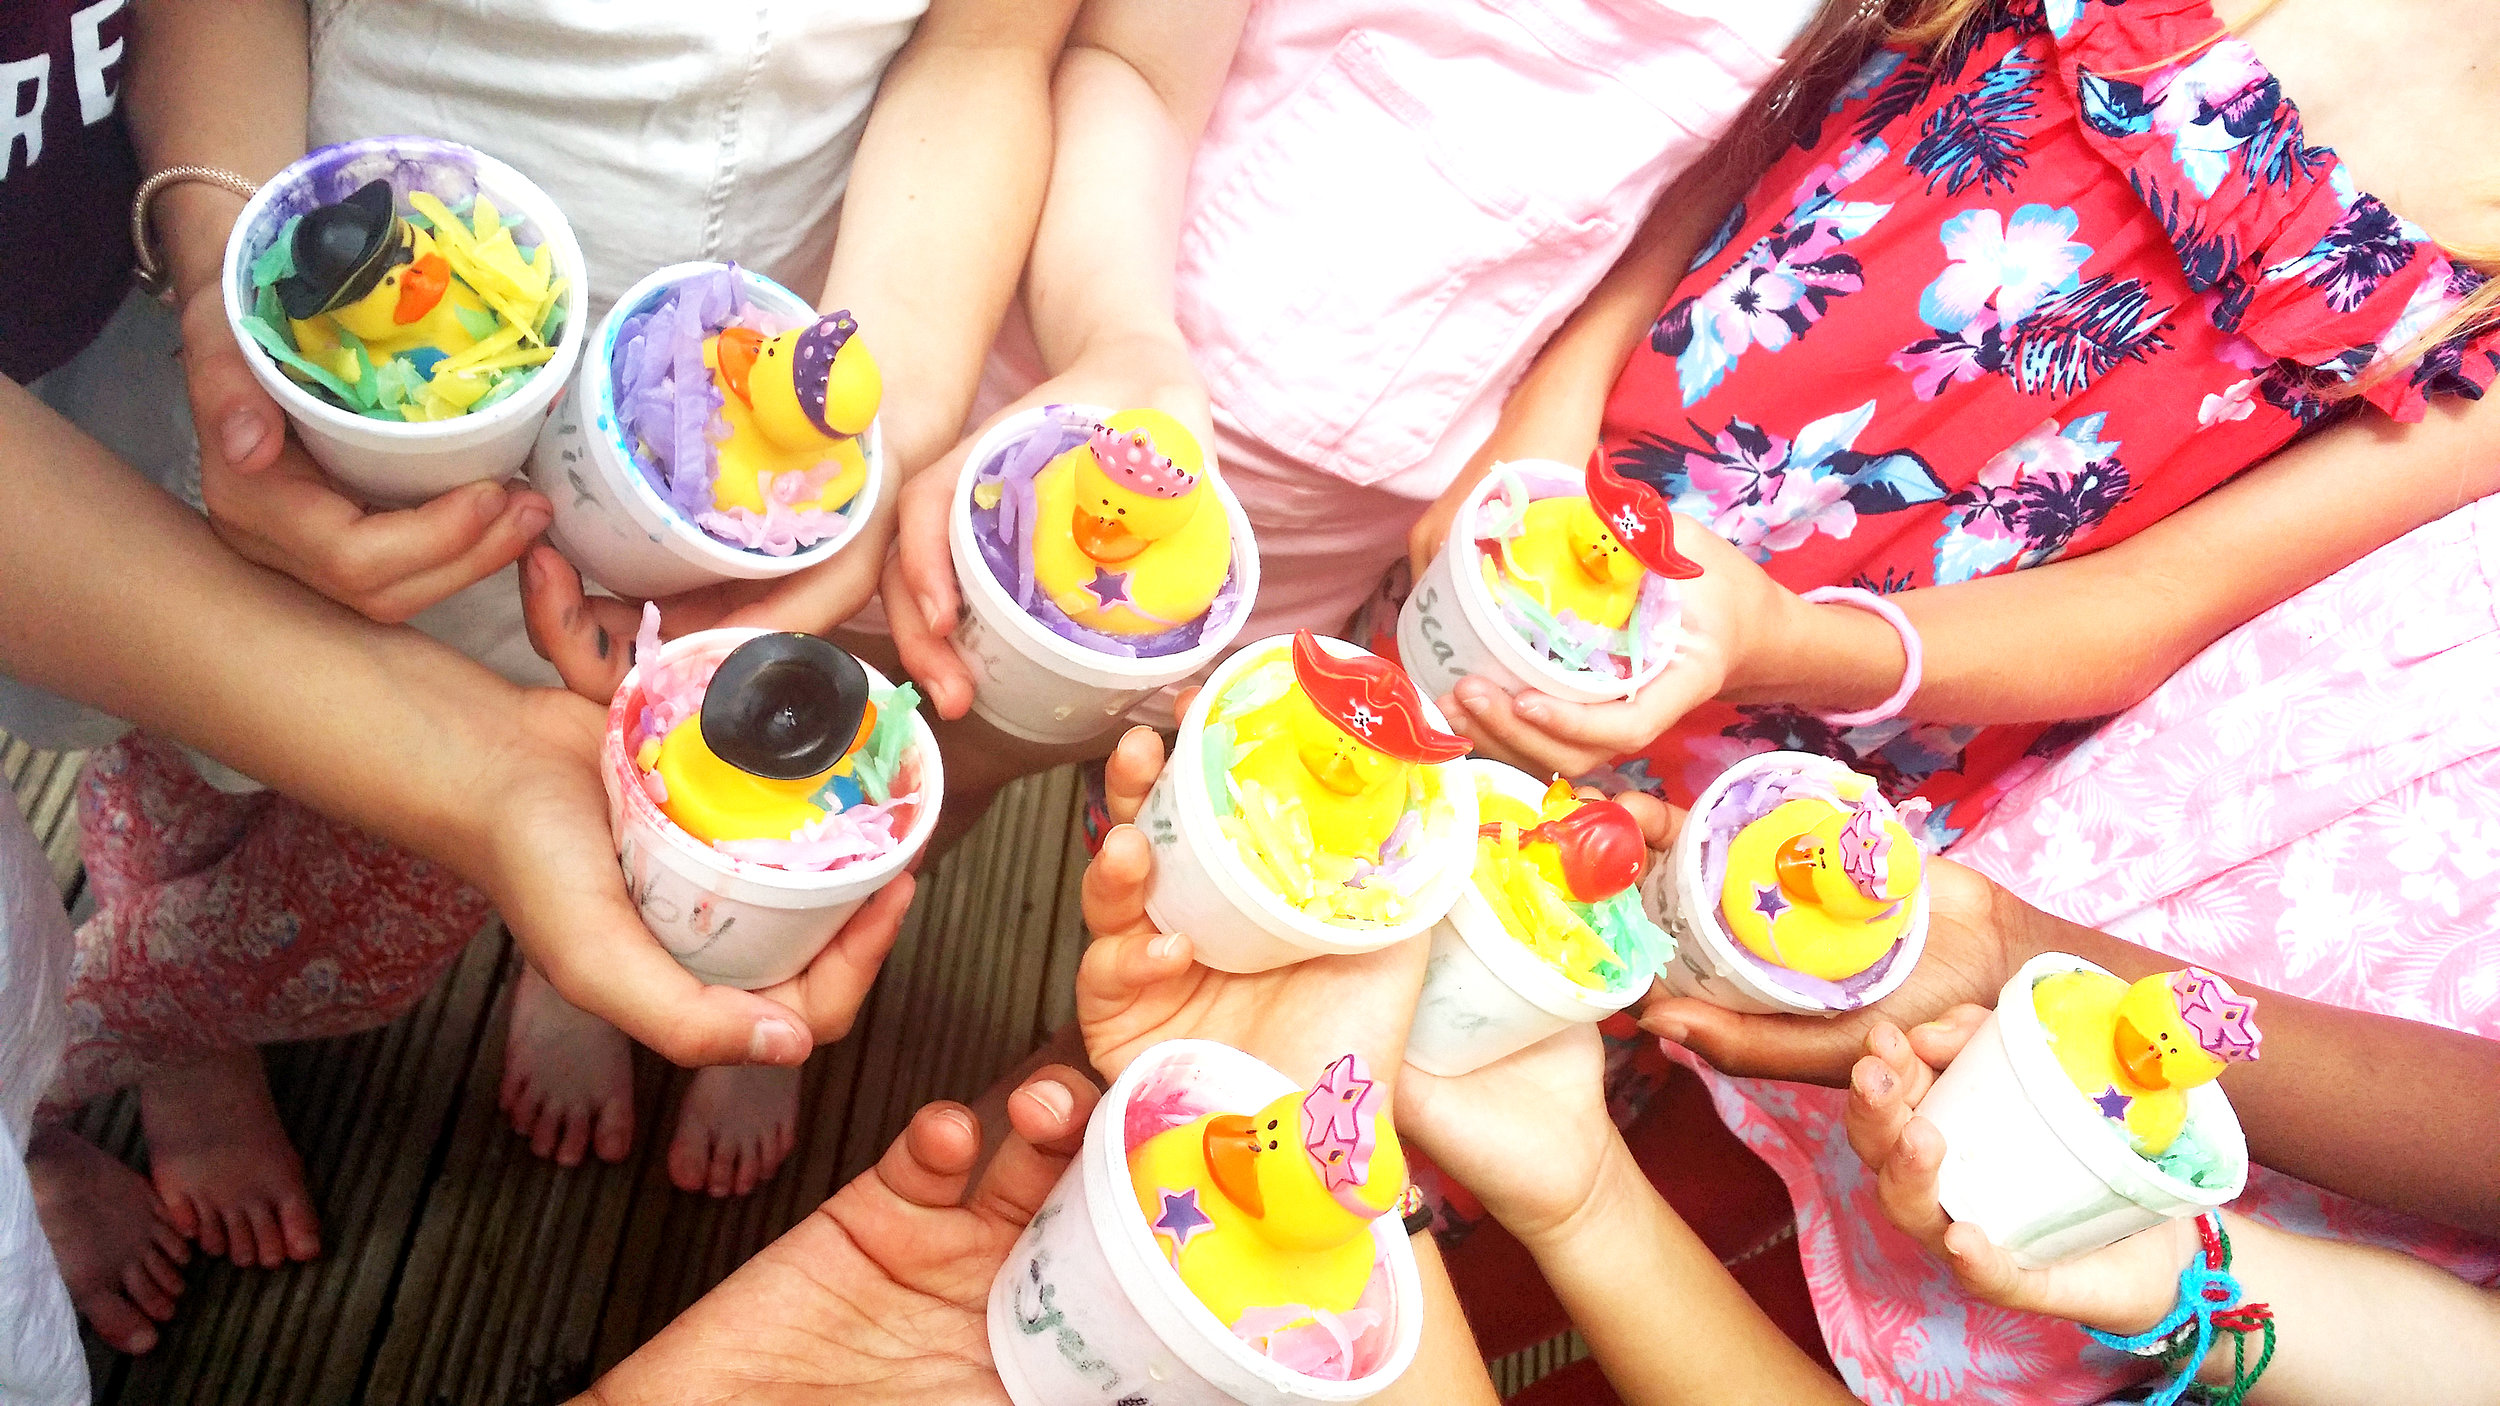 girls holding soaps.jpg